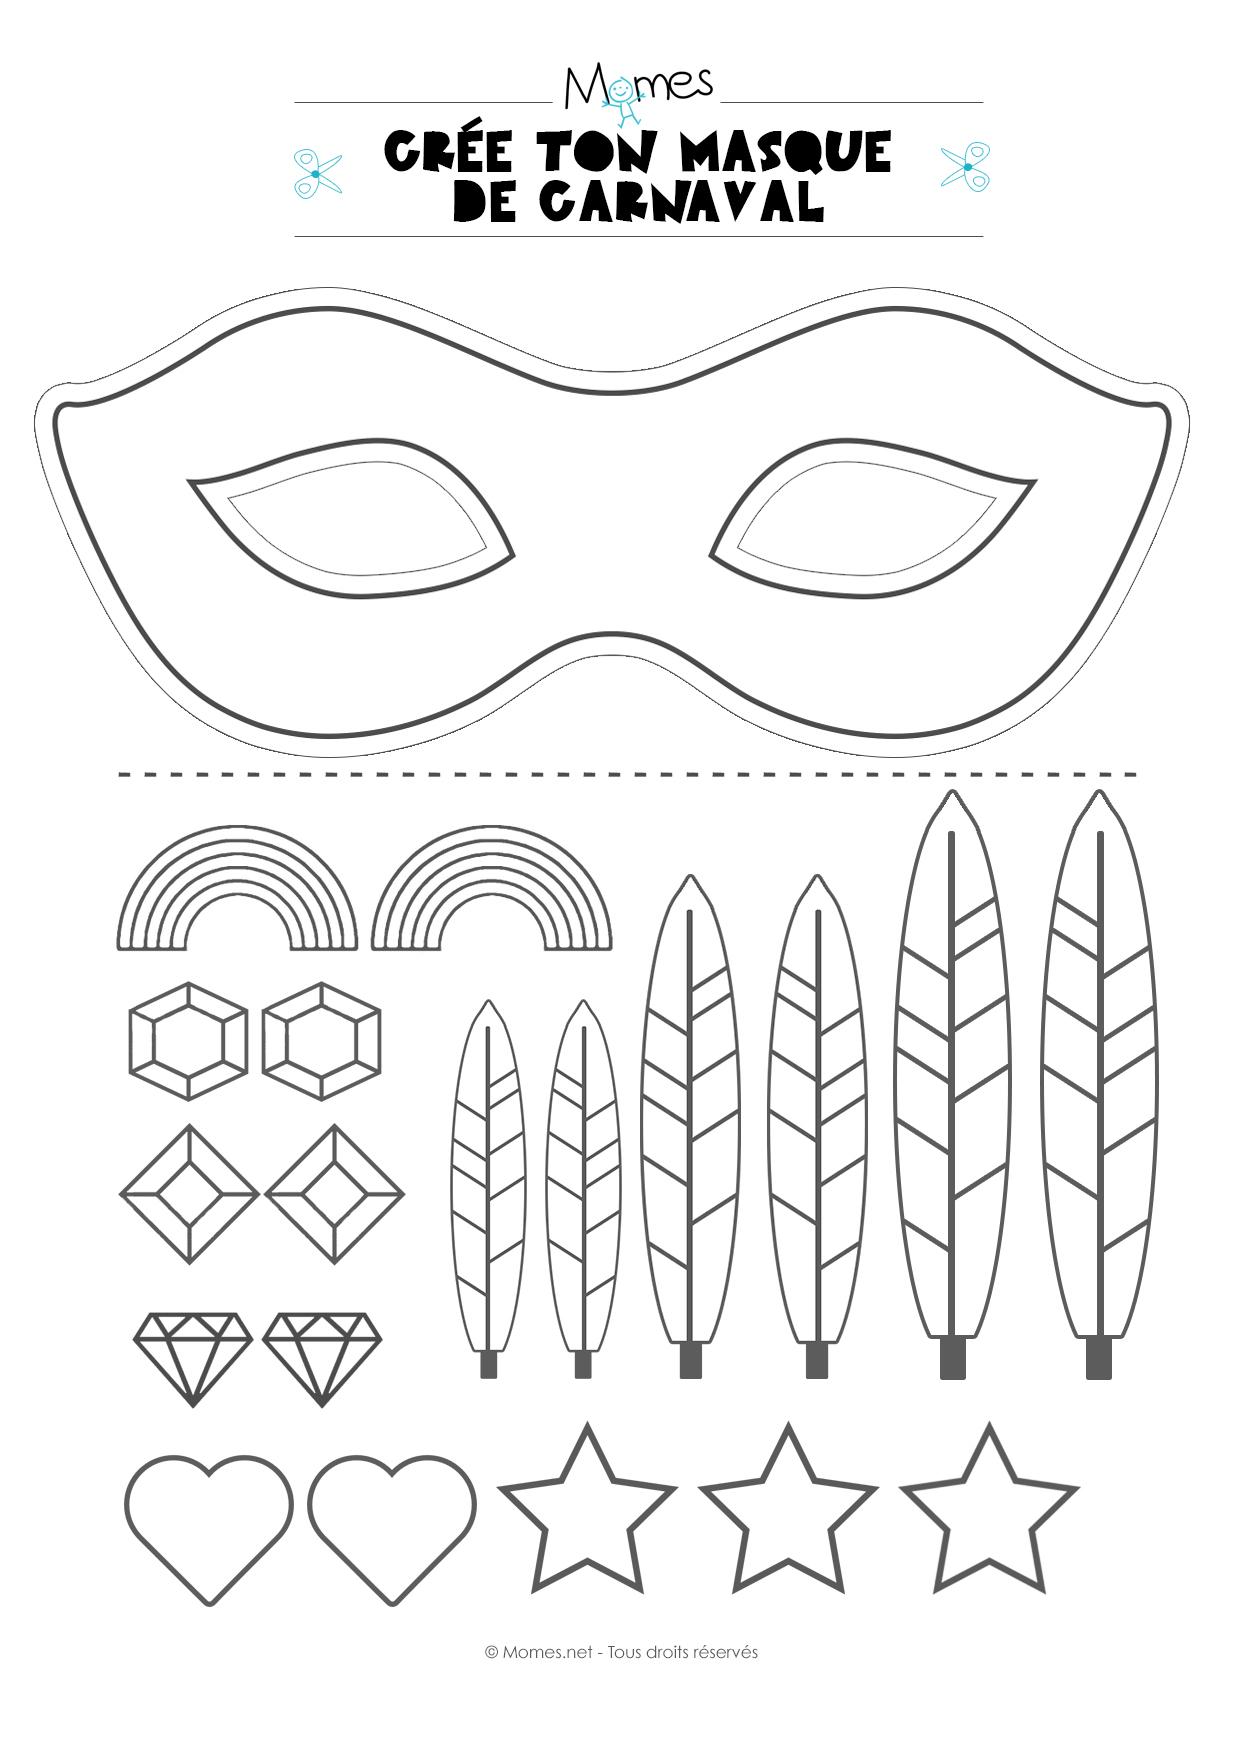 Kit Pour Faire Un Masque De Carnaval - Momes serapportantà Masque Maternelle